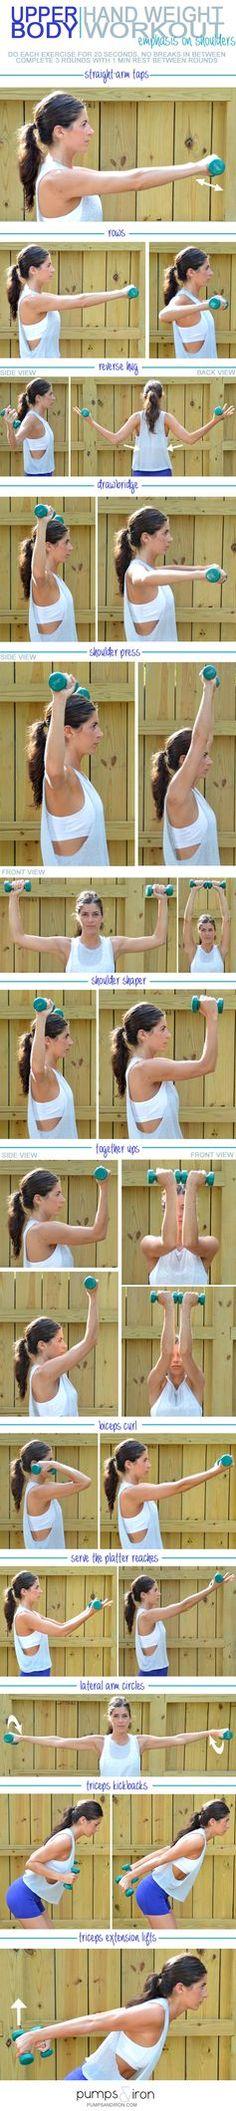 Entrenamiento con pesas para los brazos (con énfasis en los hombros)   -    Upper-Body Hand Weight Workout (emphasis on shoulders)